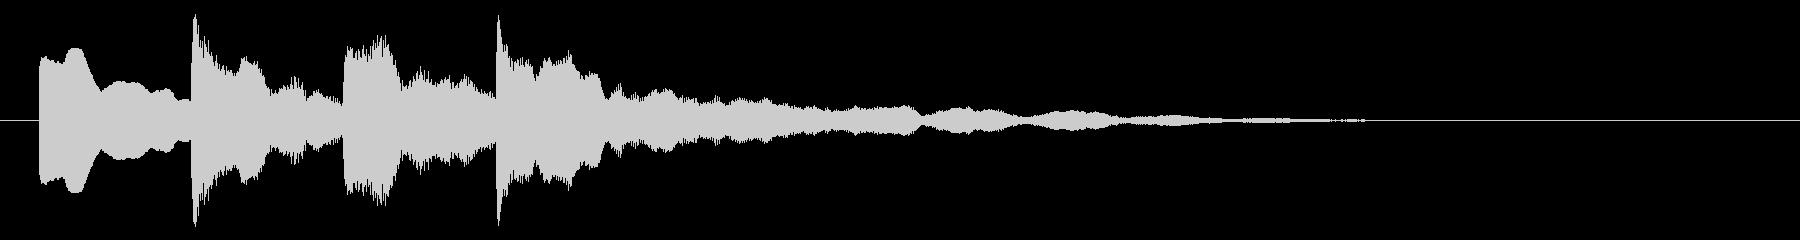 アナウンス(ピンポンパンポーン)2スローの未再生の波形